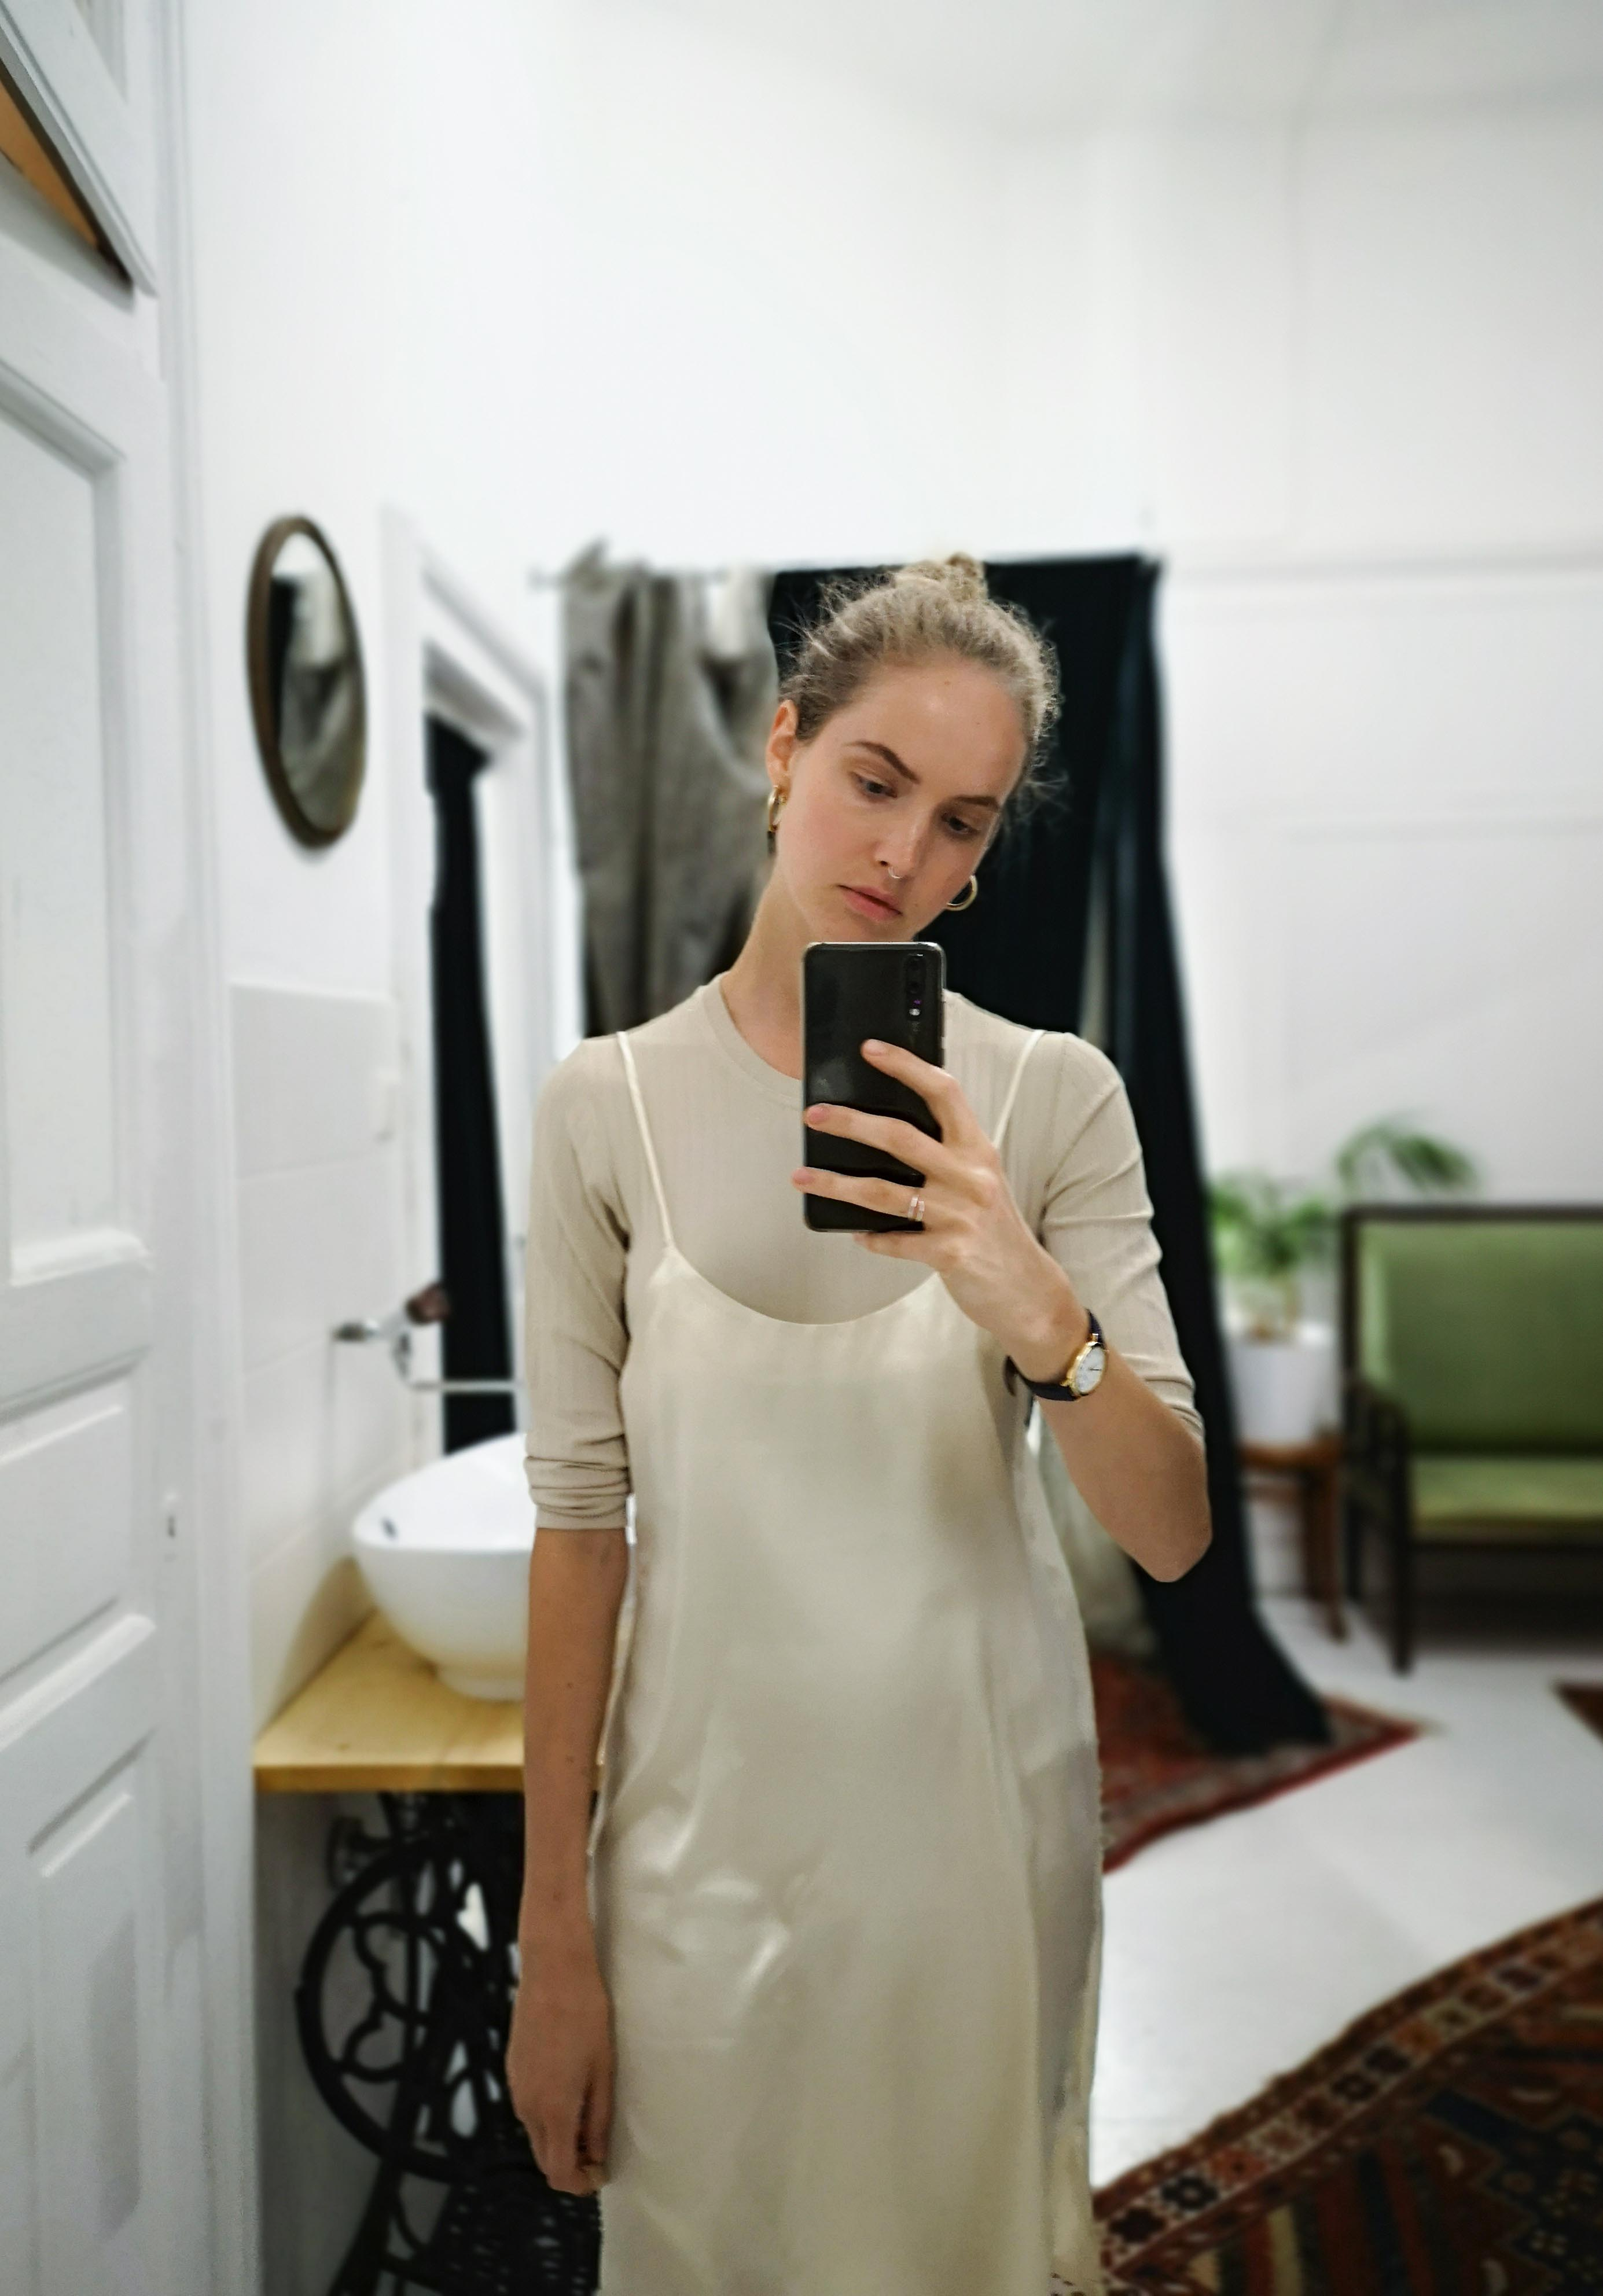 Marias Office Looks im Juli – Vintage Outfit Inspiration mit beigem Slip Dress und T-Shirt